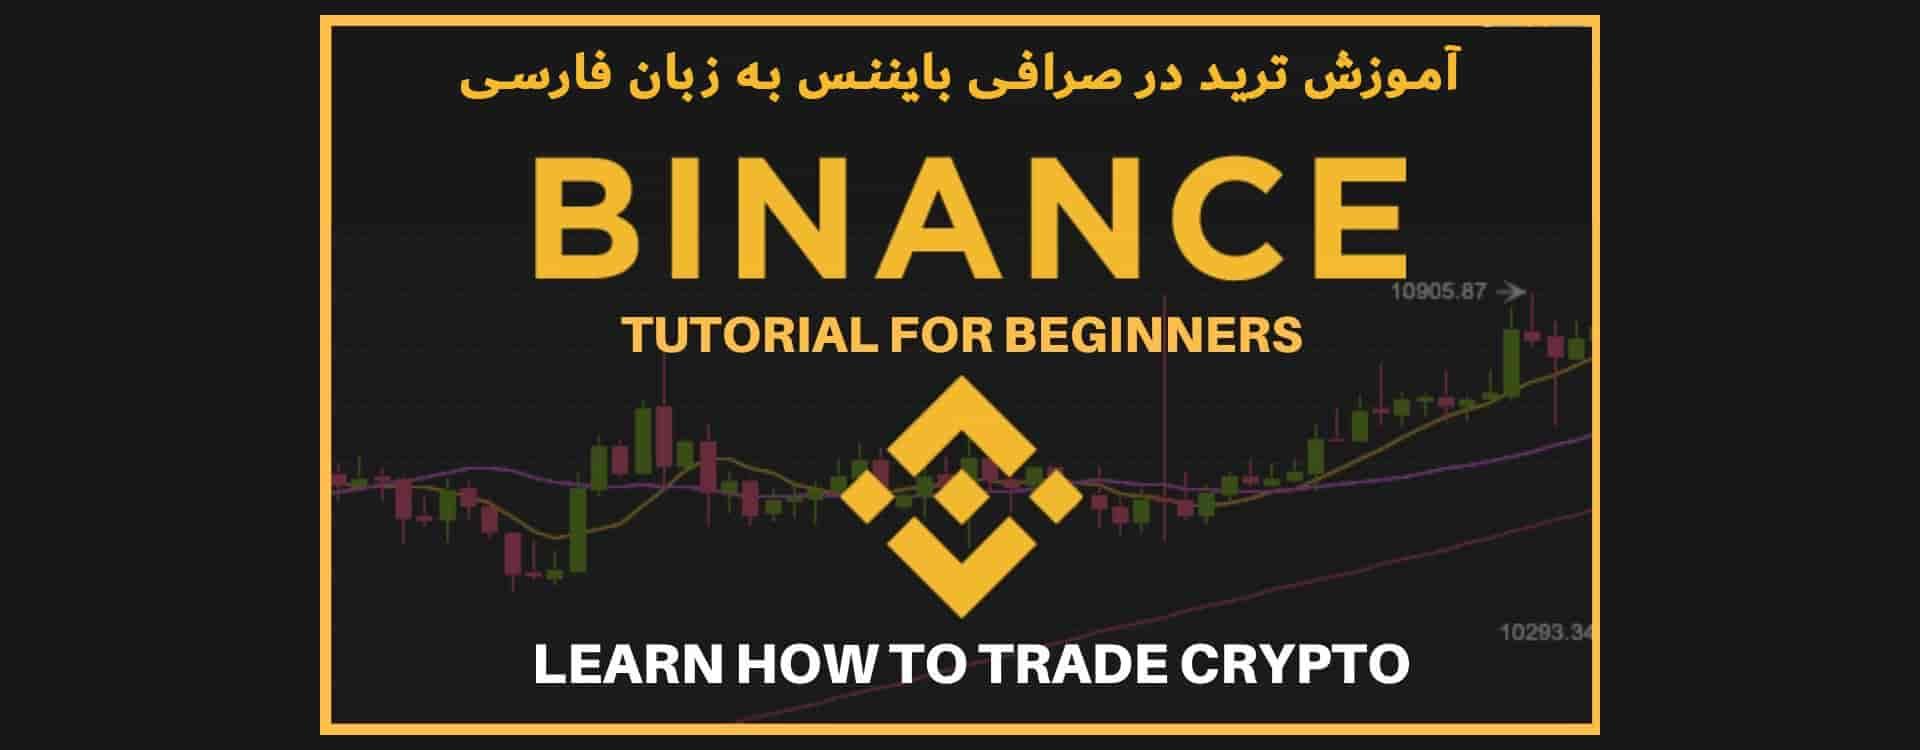 آموزش بایننس به فارسی